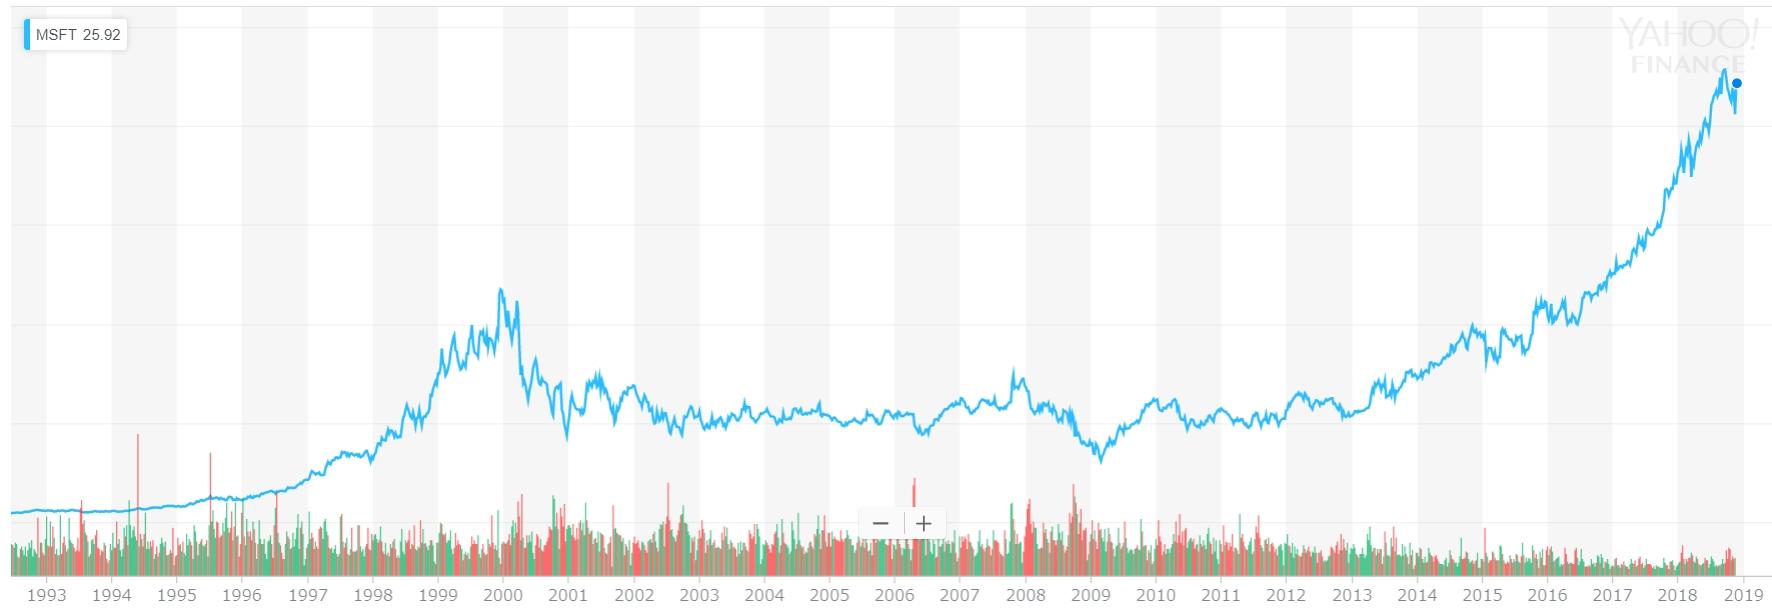 マイクロソフトの株価